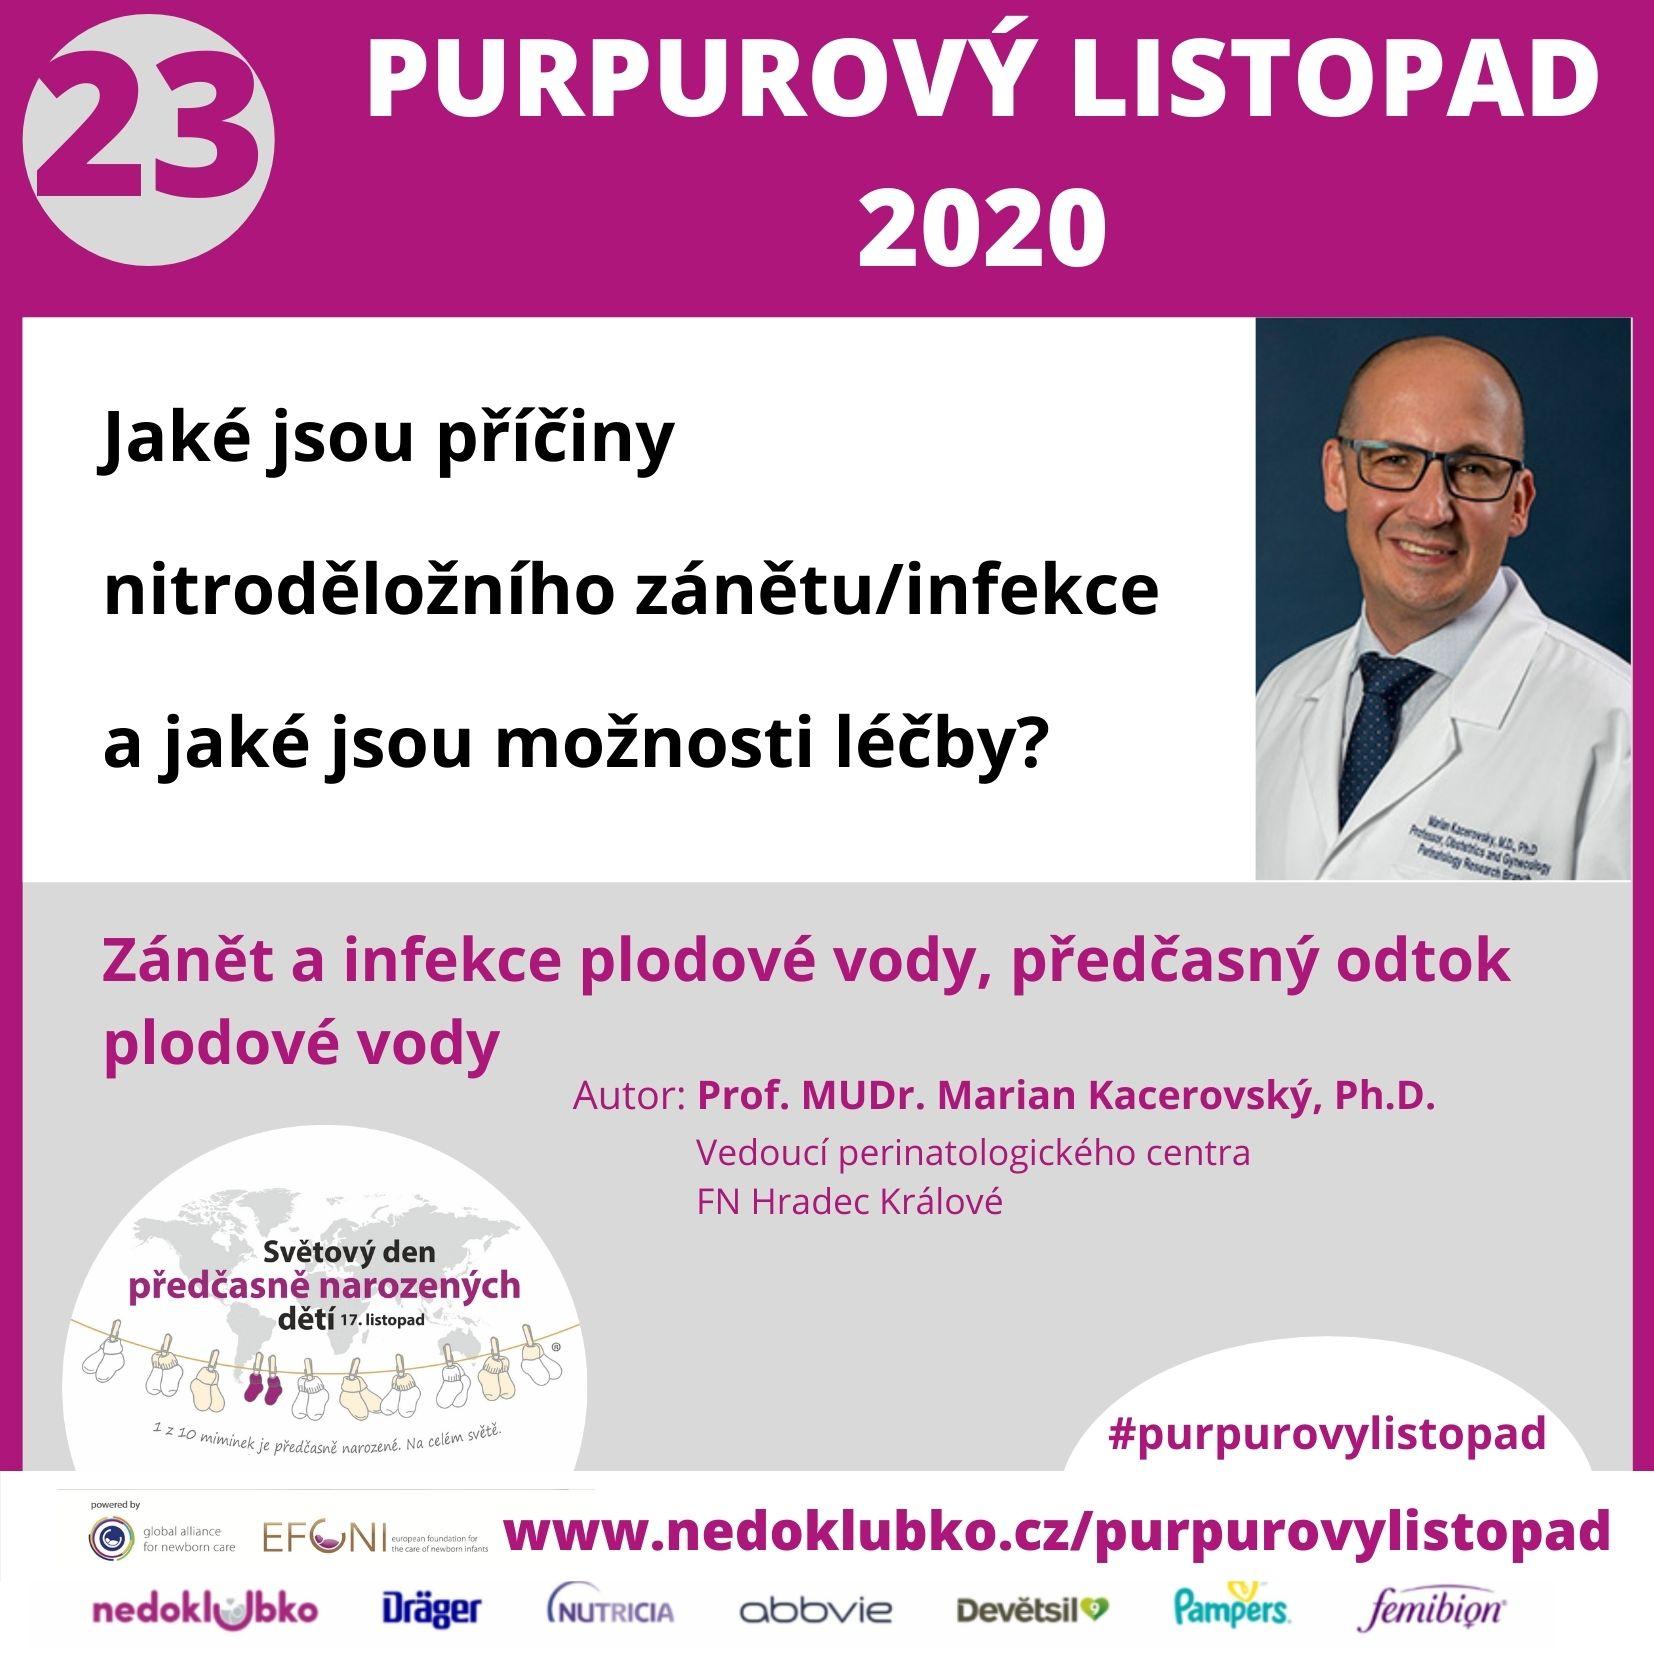 Purpurový listopad23 (2)